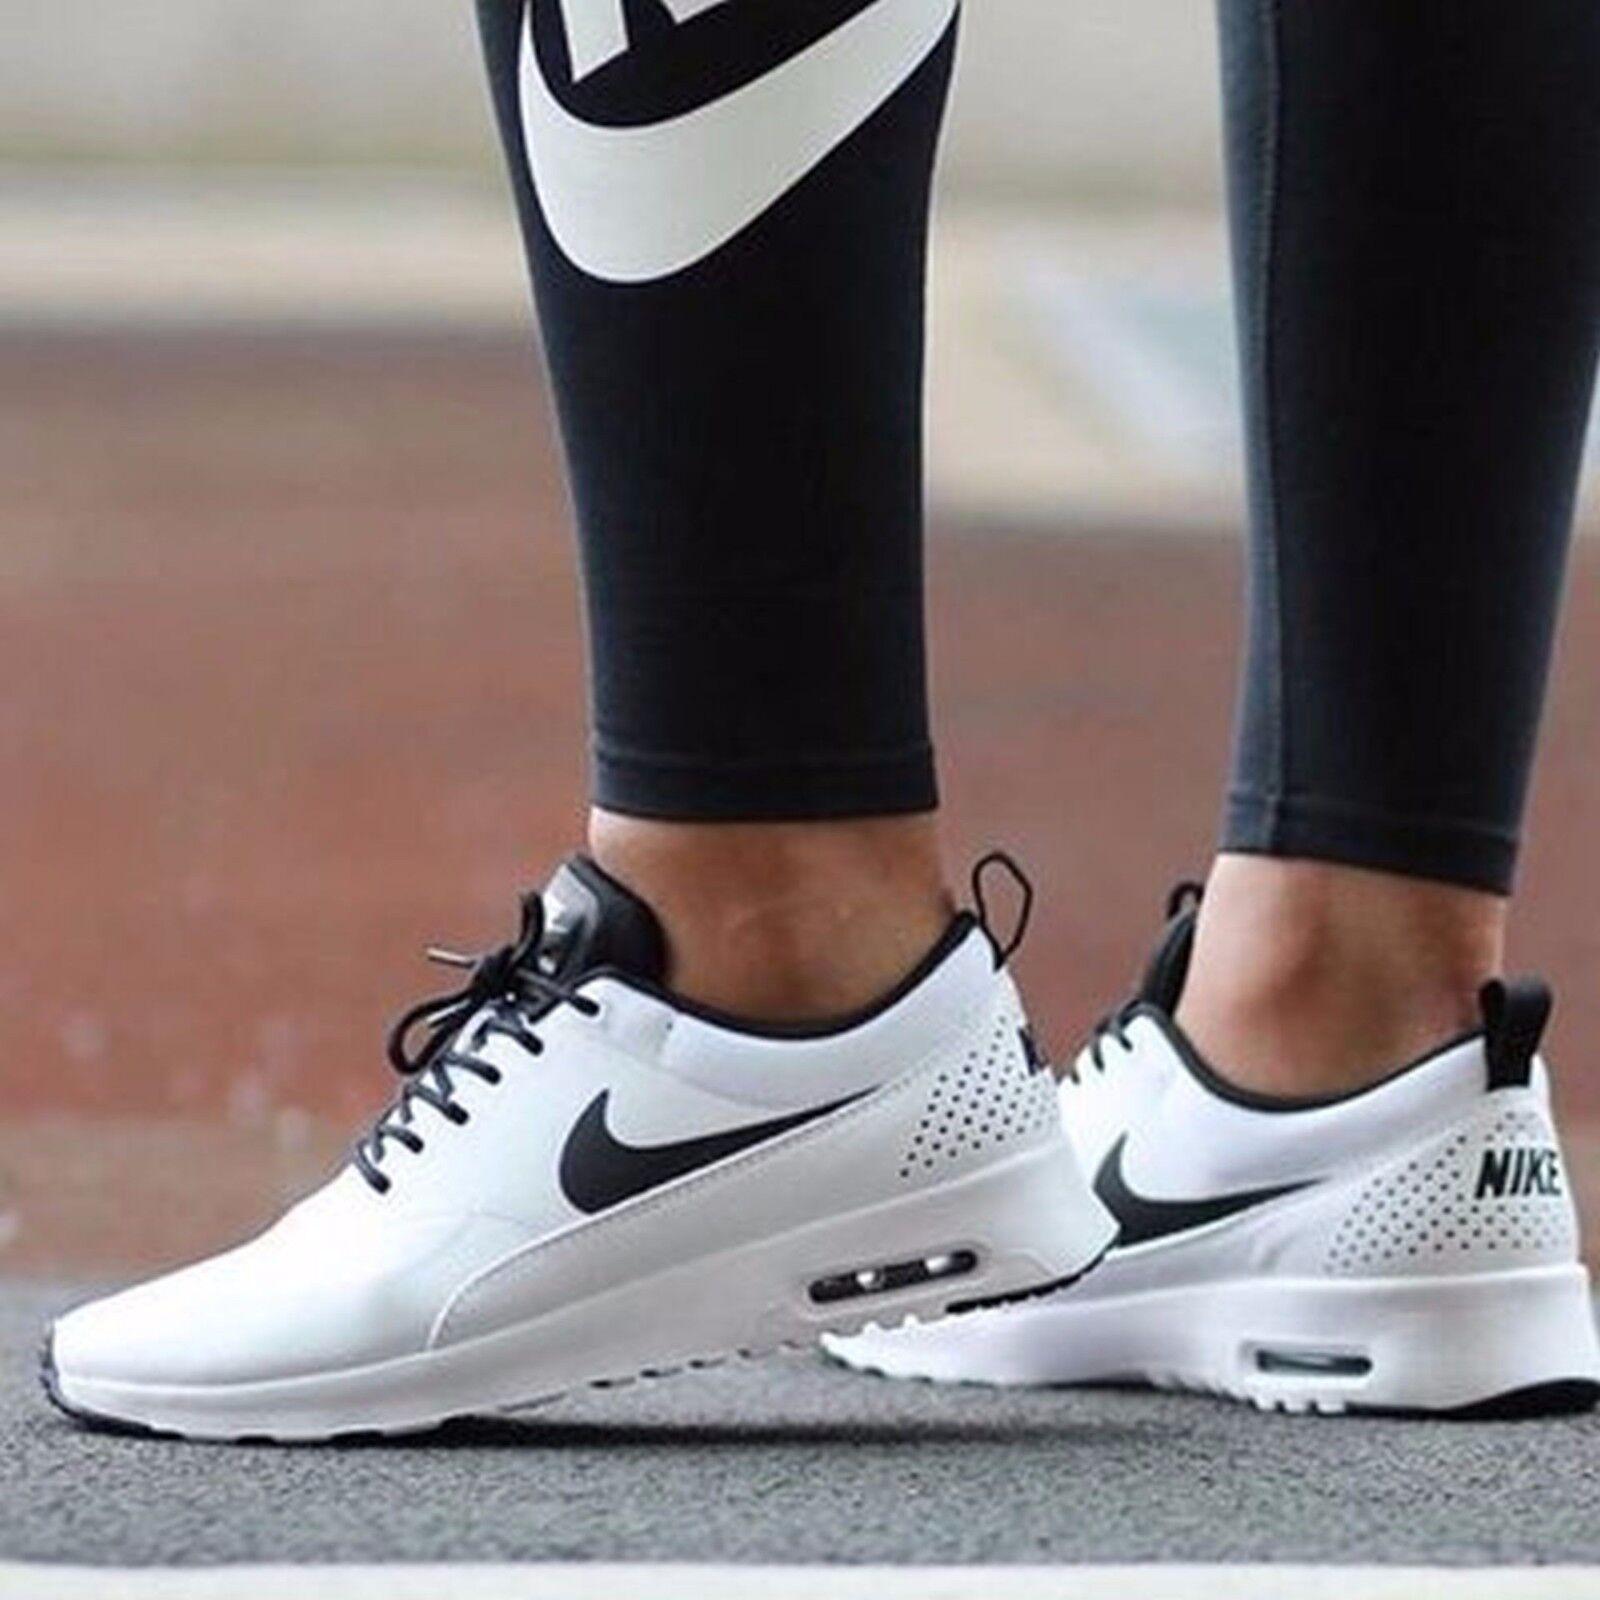 Nike Air Max Thea Womens Sz 11.5 White/Black 599409-102